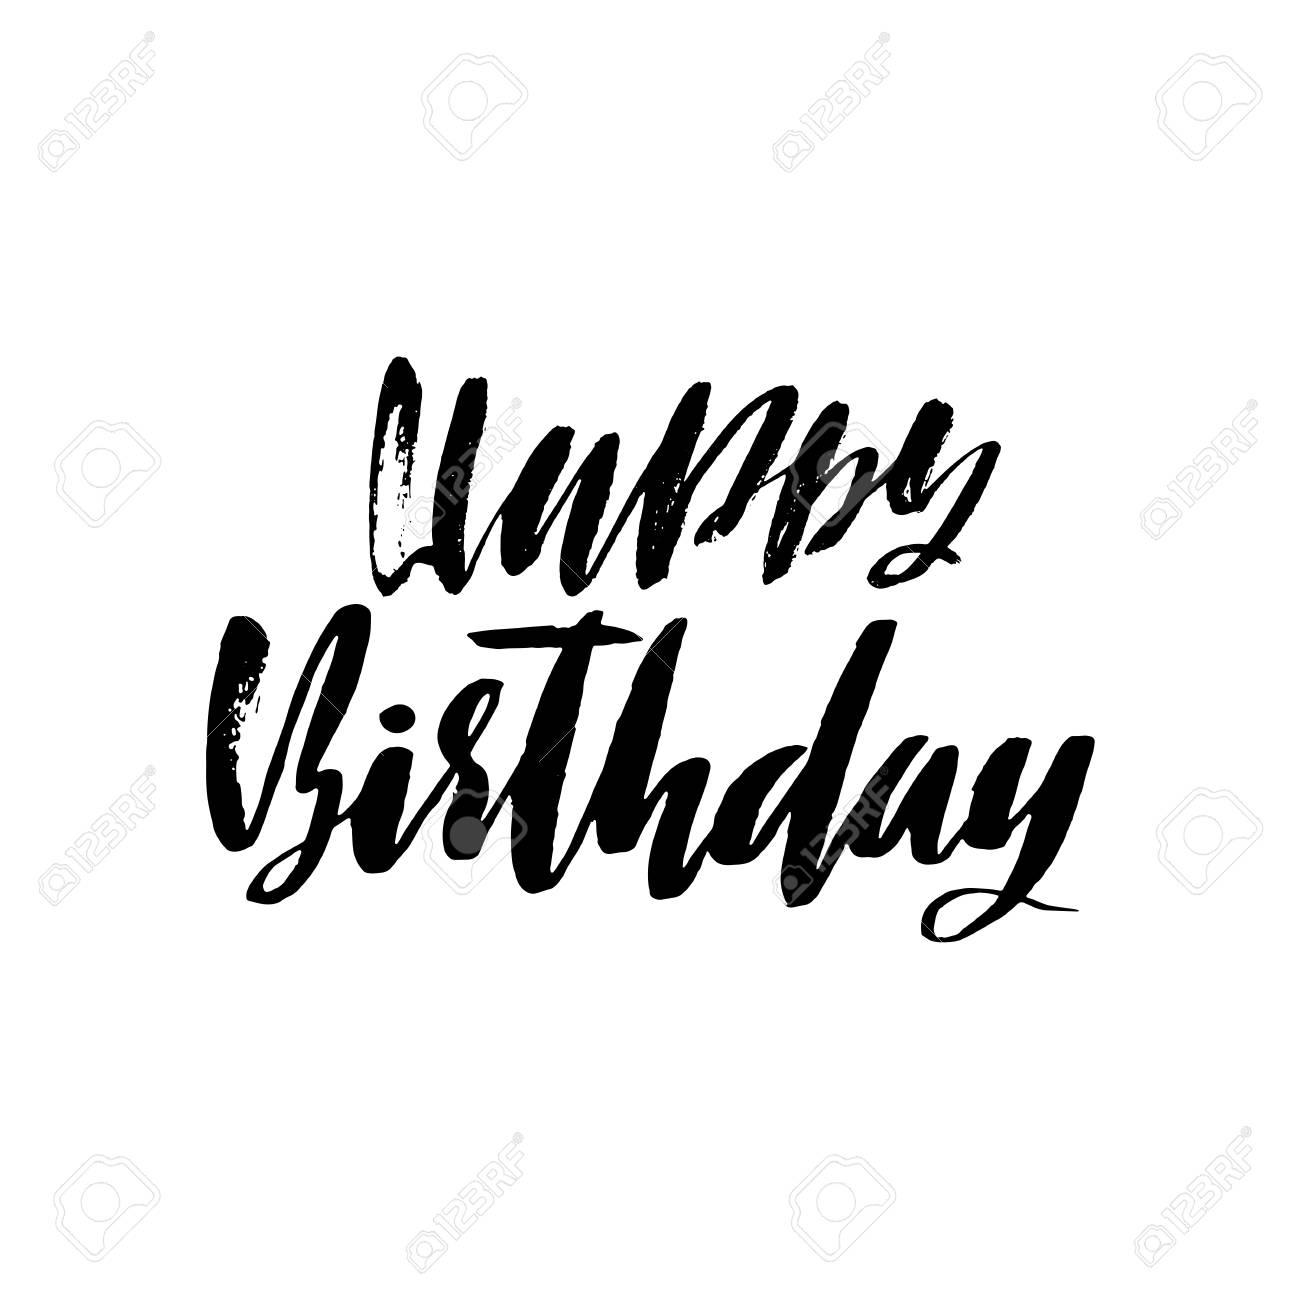 Letras De Feliz Cumpleaños Para Invitaciones Y Tarjetas De Felicitación Grabados Y Pósters Inscripción Manuscrita Diseño Caligráfico Ilustración